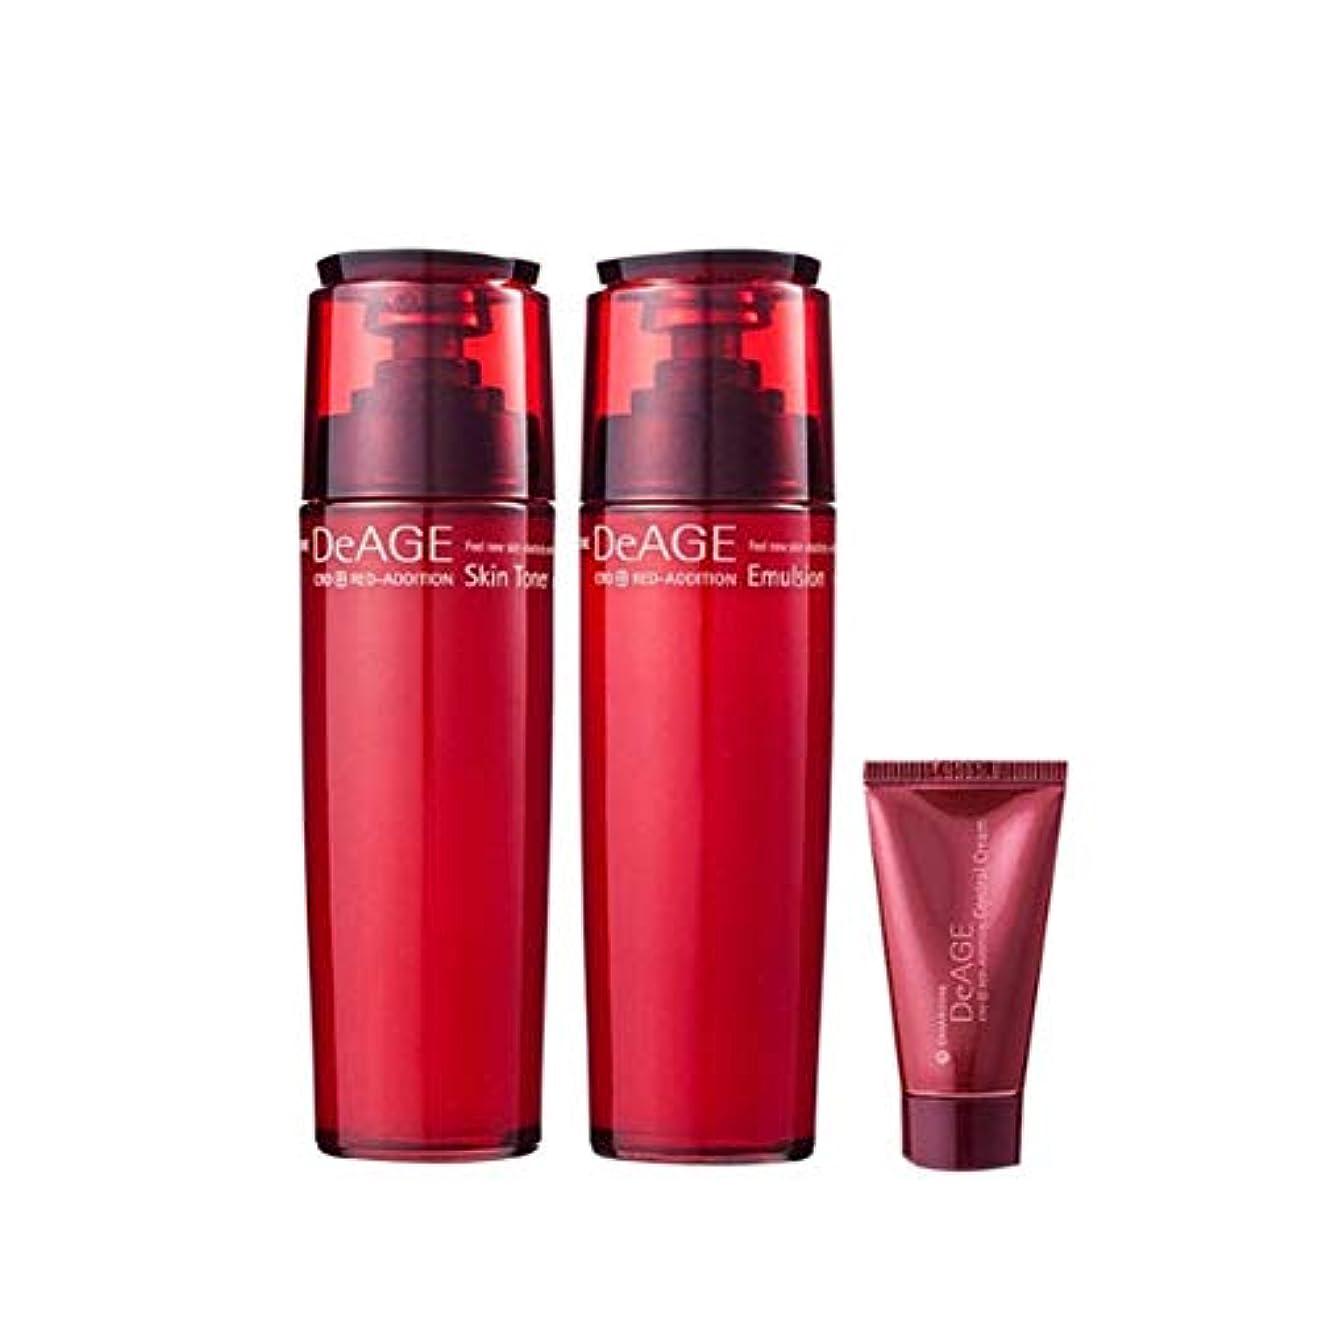 伝染性の答え敬意チャムジョンディエイジレッドエディションセット(スキントナー130ml、エマルジョン130ml、コントロールクリーム15ml)、Charmzone DeAGE Red Addition Set(Skin Toner 130ml...